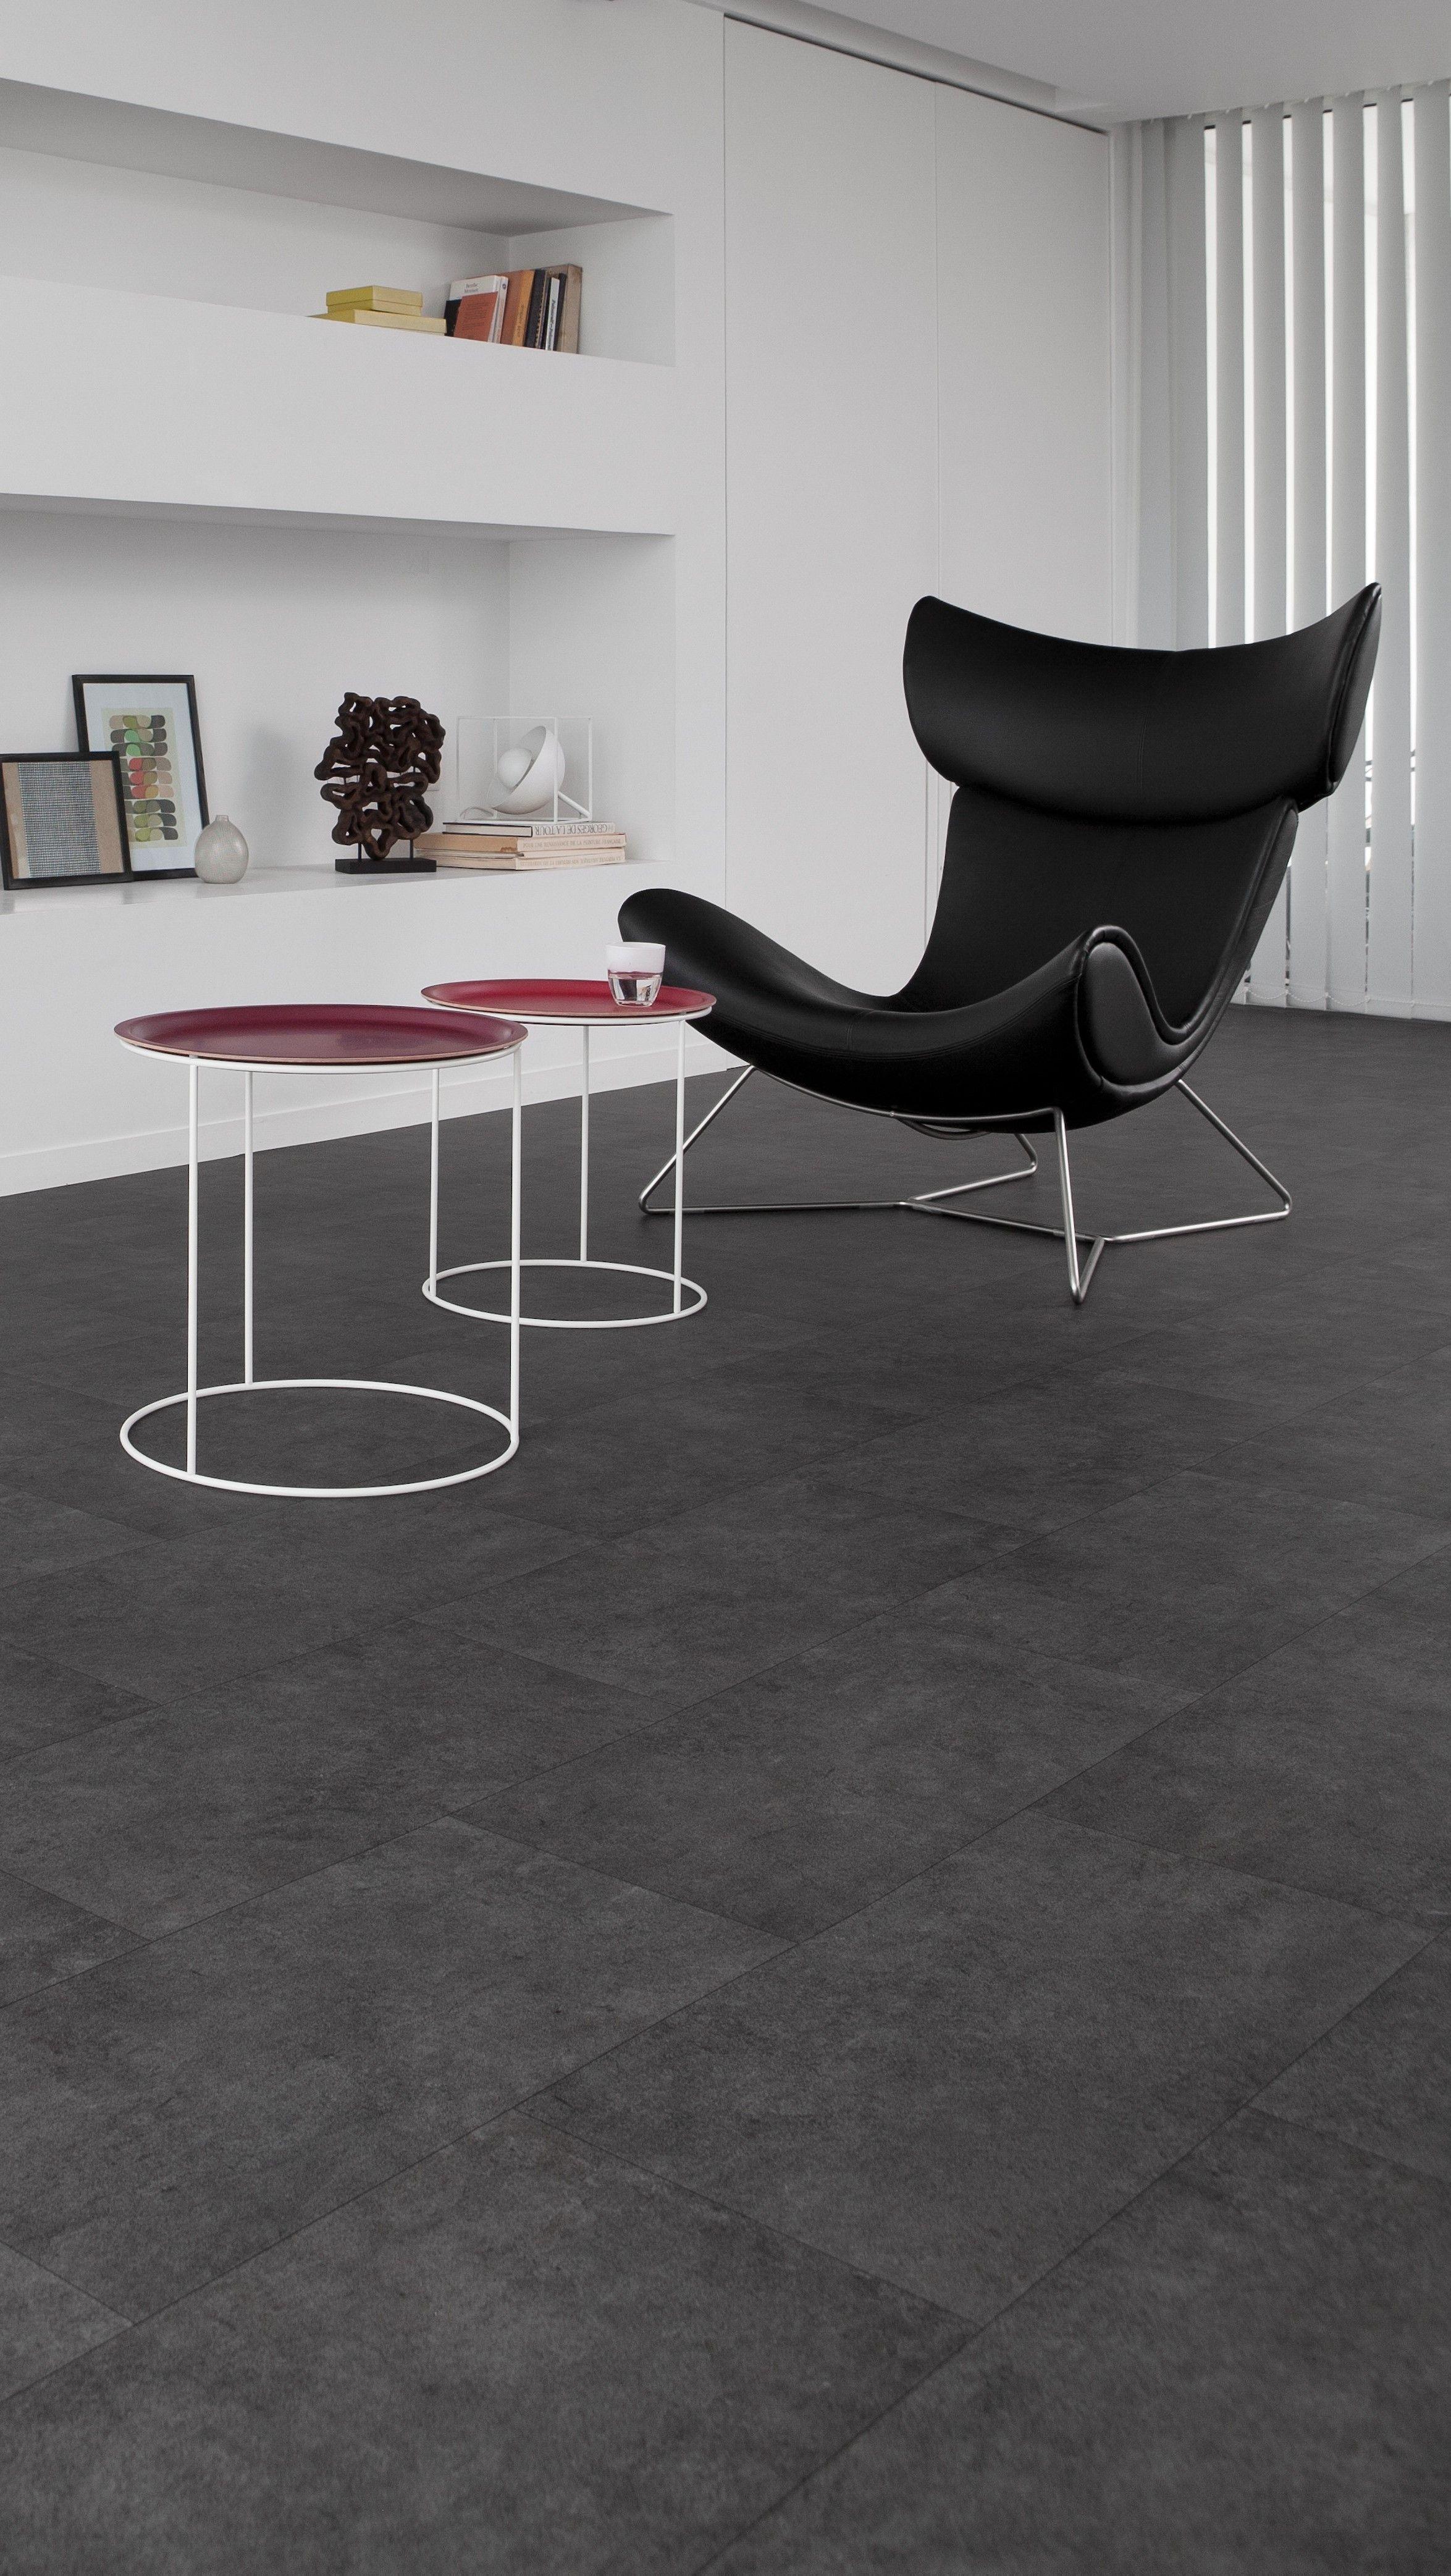 Pvc vloer tegels betonlook geschikt voor alle ruimten zoals de badkamer woonkamer keuken of - Vinyl vloer voor keuken ...